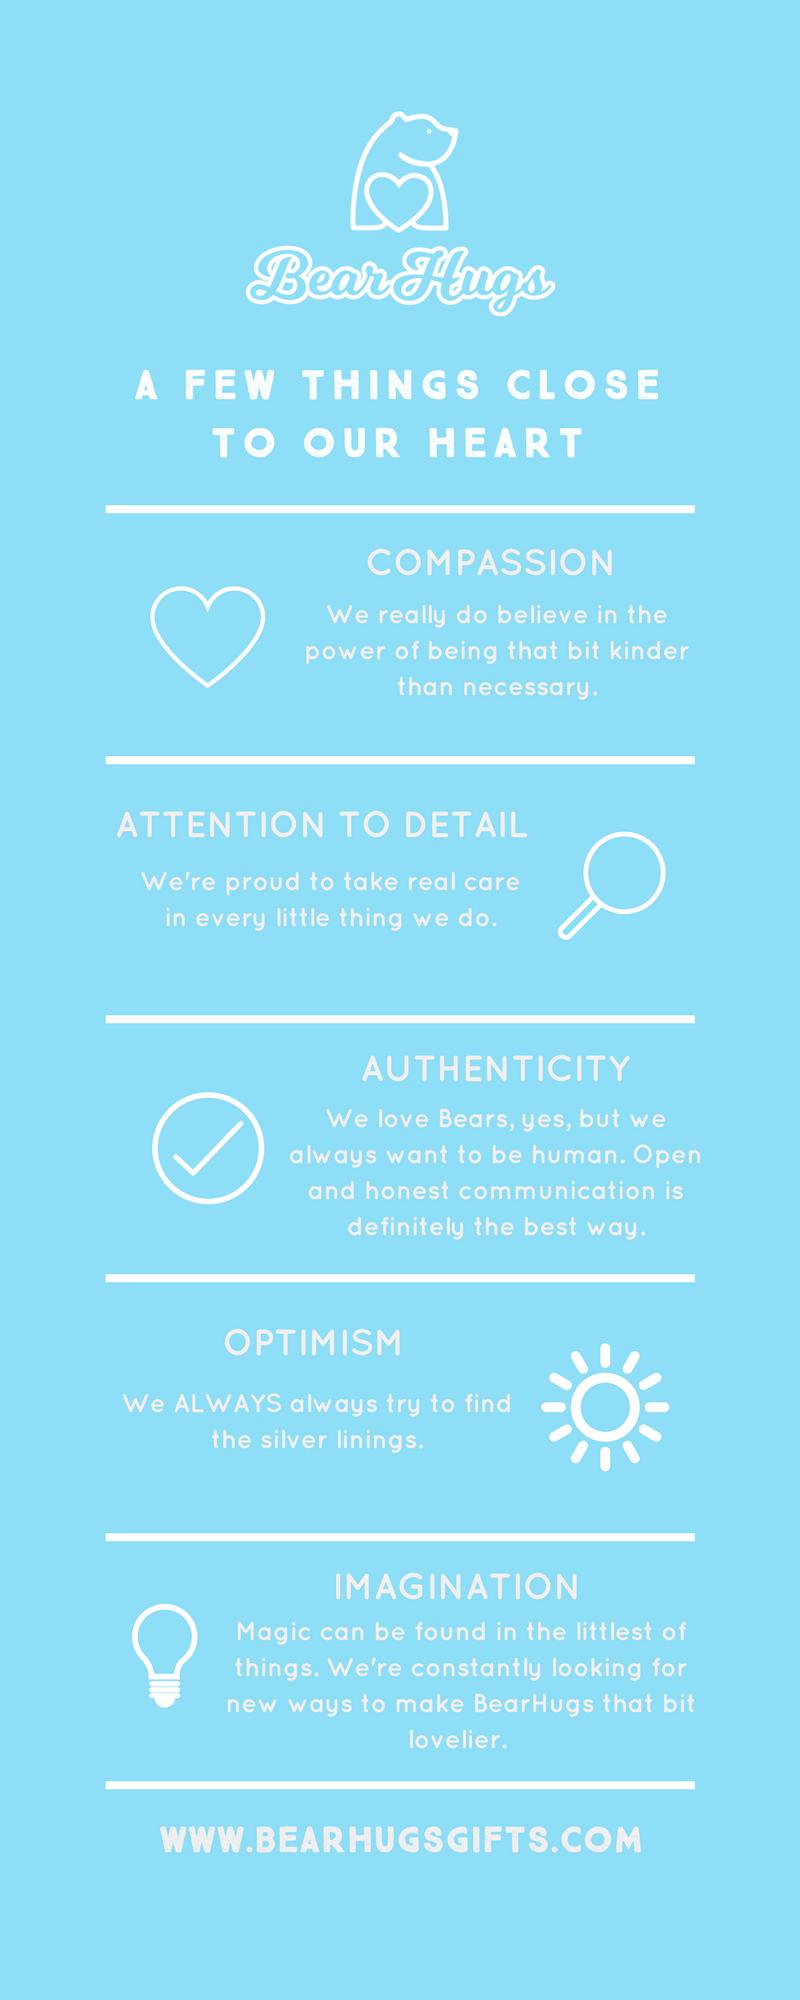 bearhugs core values